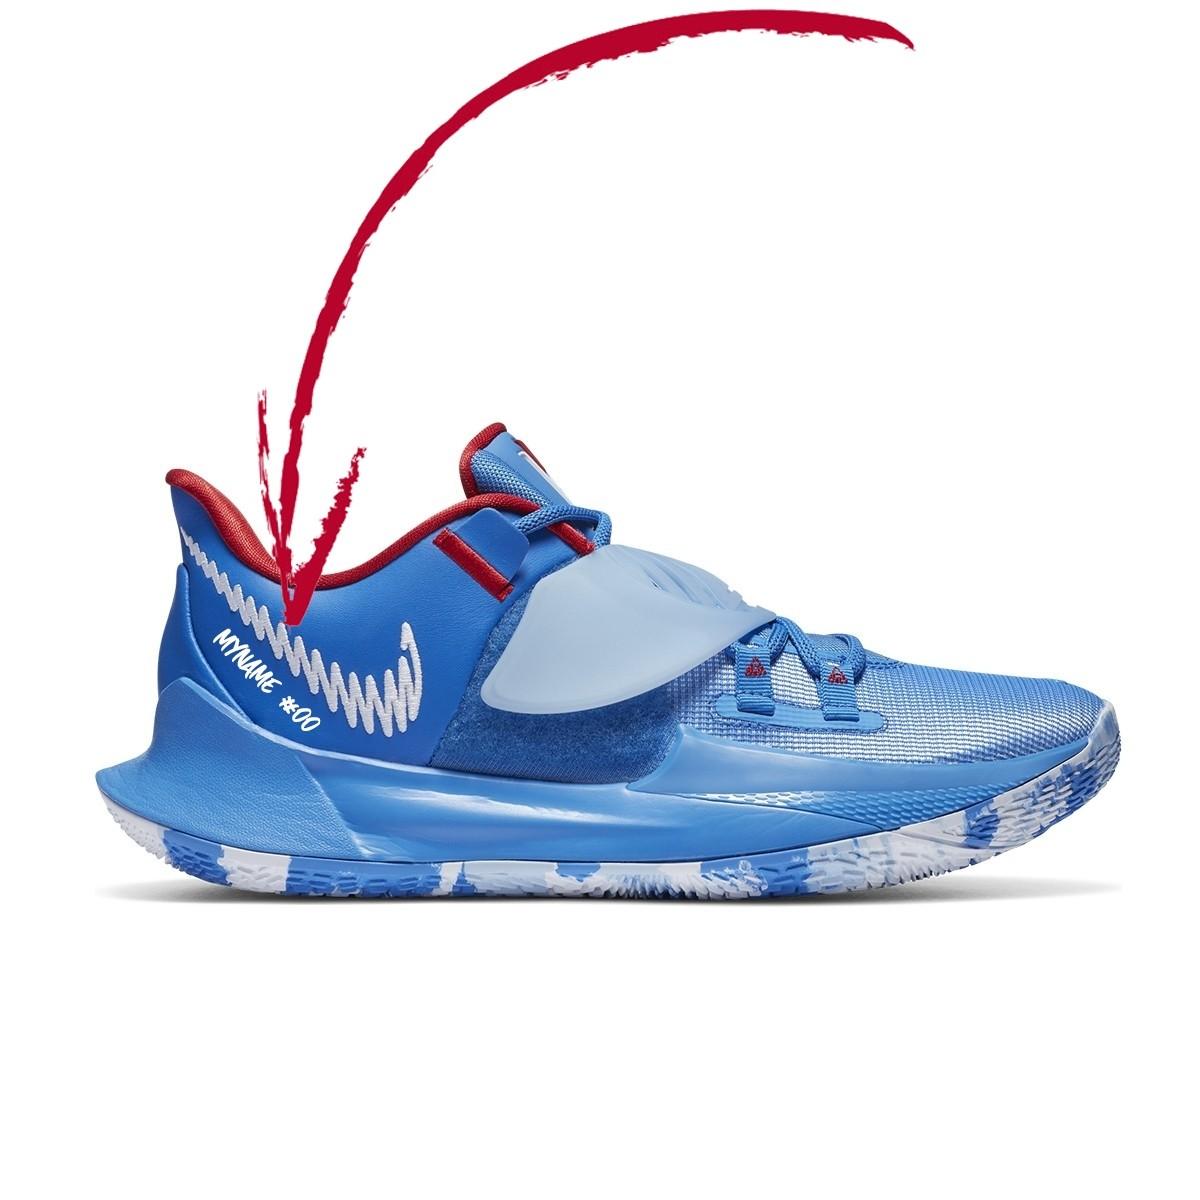 Nike Kyrie Low 3 'Tie-Dye'-CJ1286-400